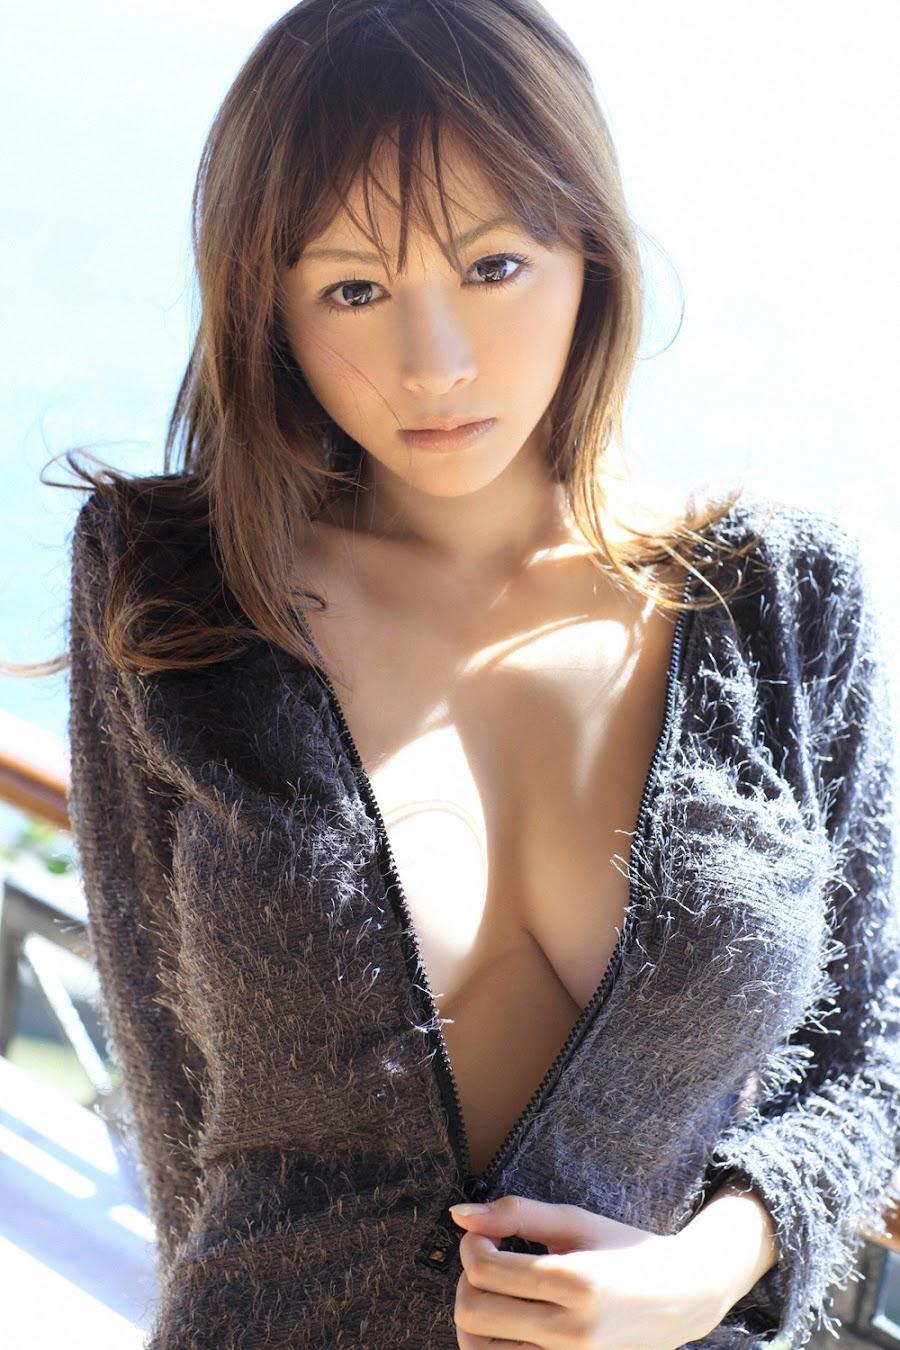 Anri Sugihara - Japanese Gravure Idol